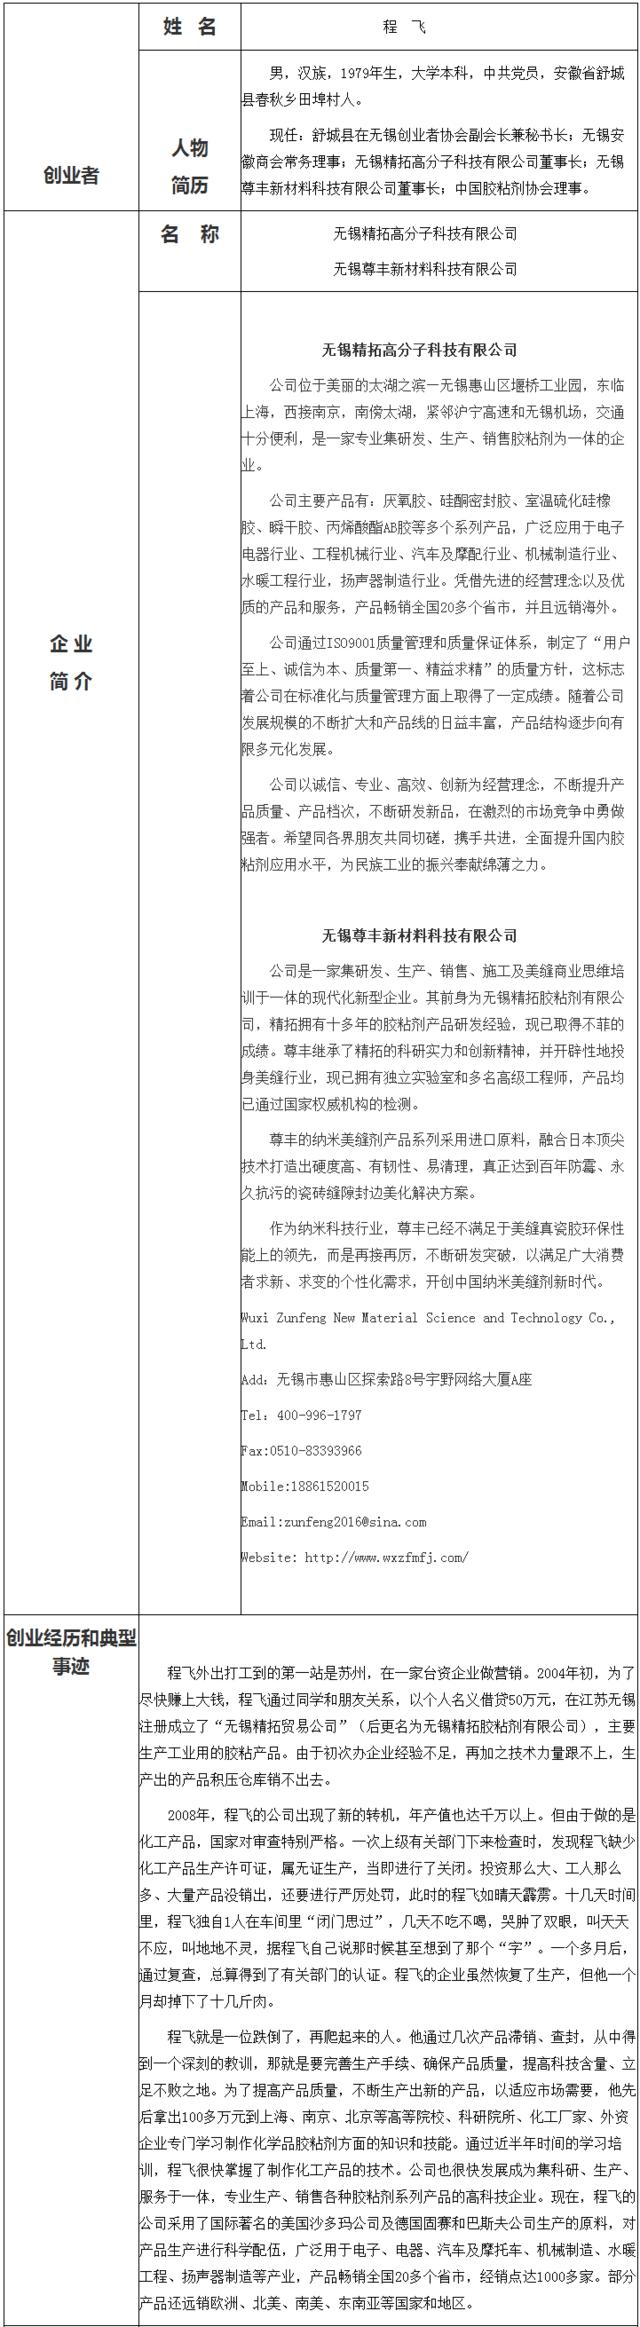 无锡尊丰新材料科技有限公司